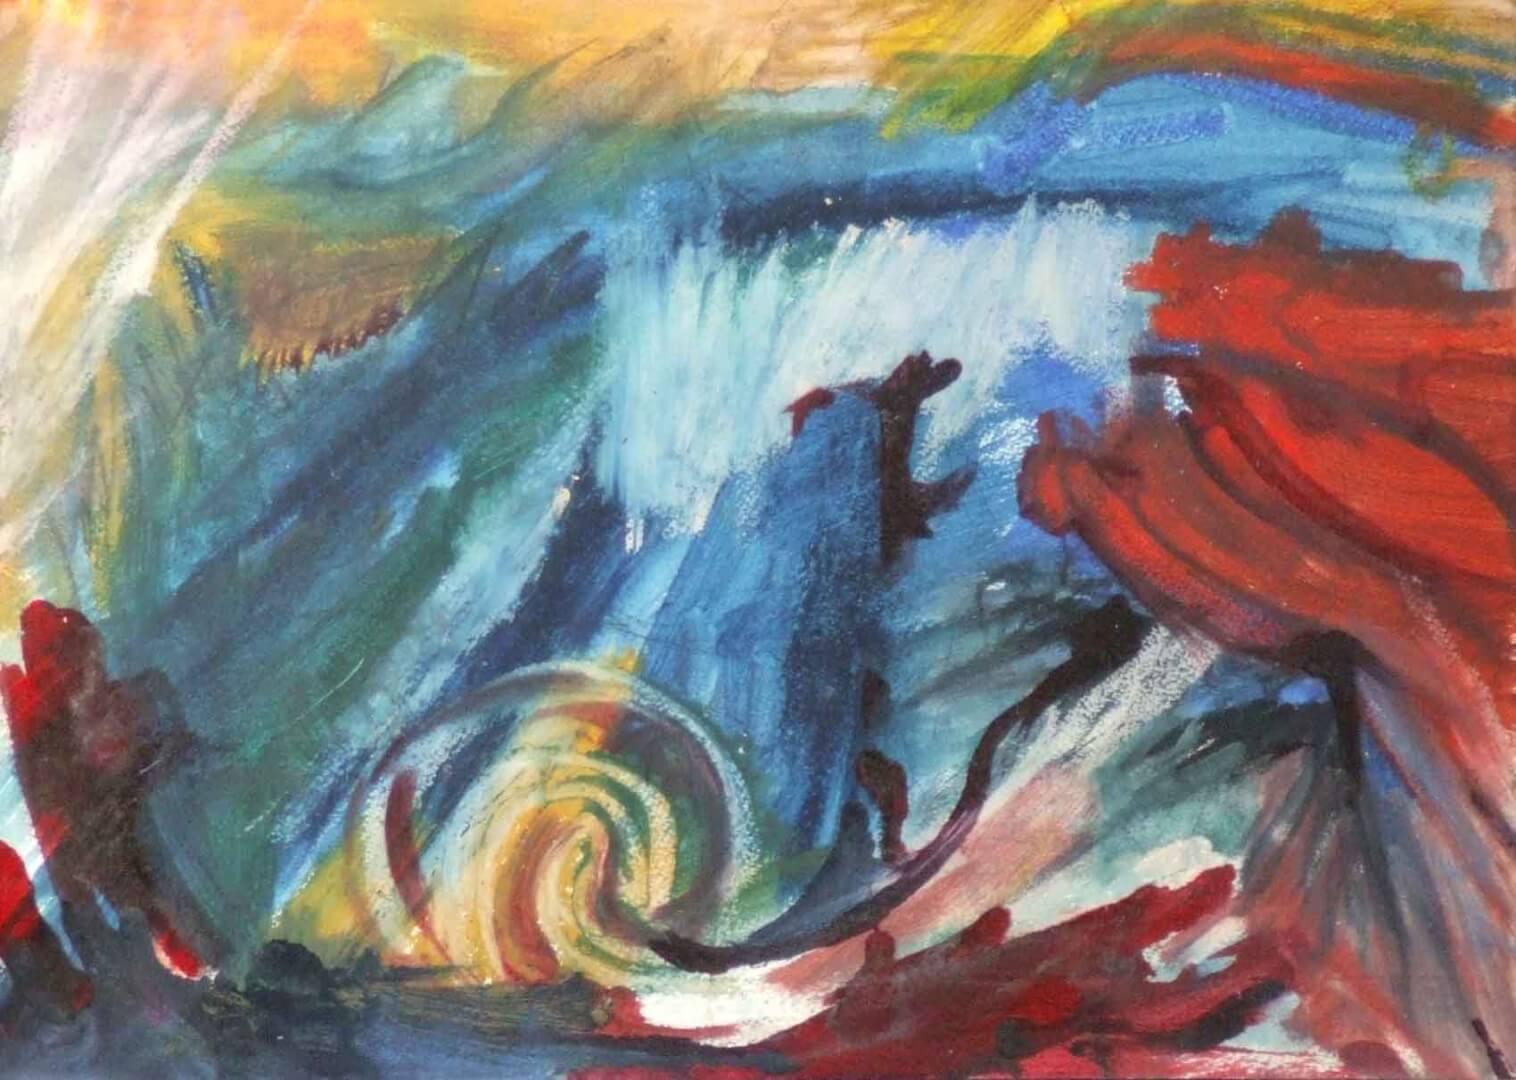 La mer en vrac © David Noir | Dessins, peintures, collages